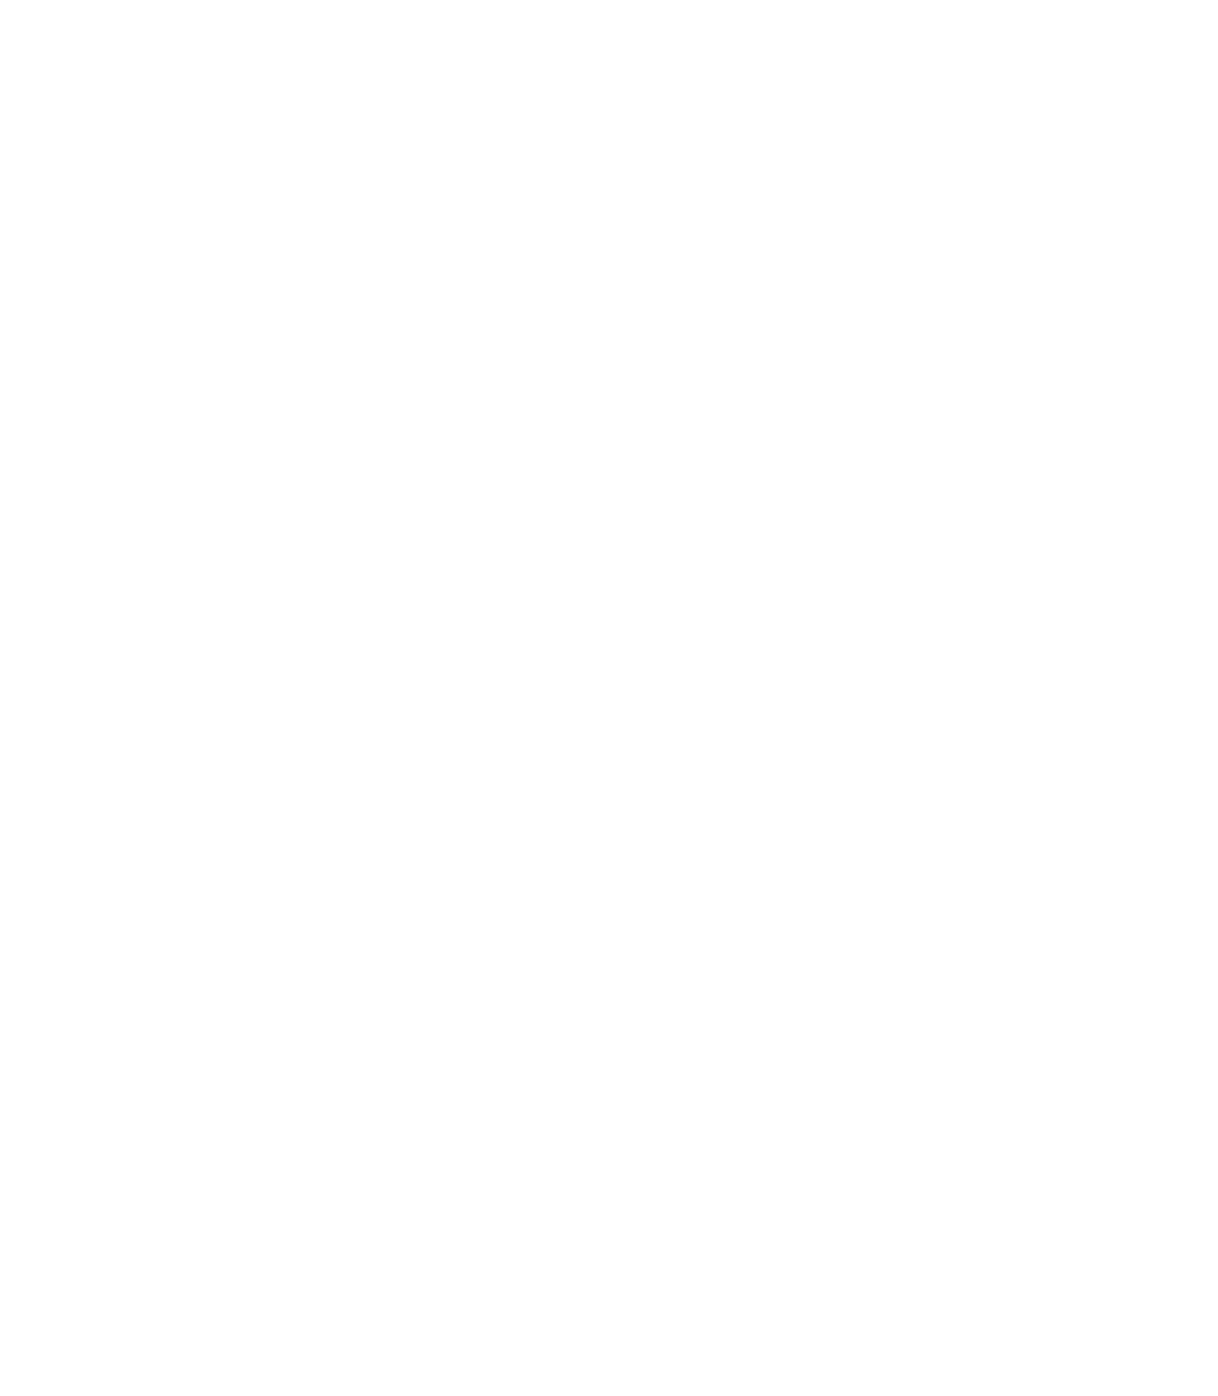 P2B logo full white.png